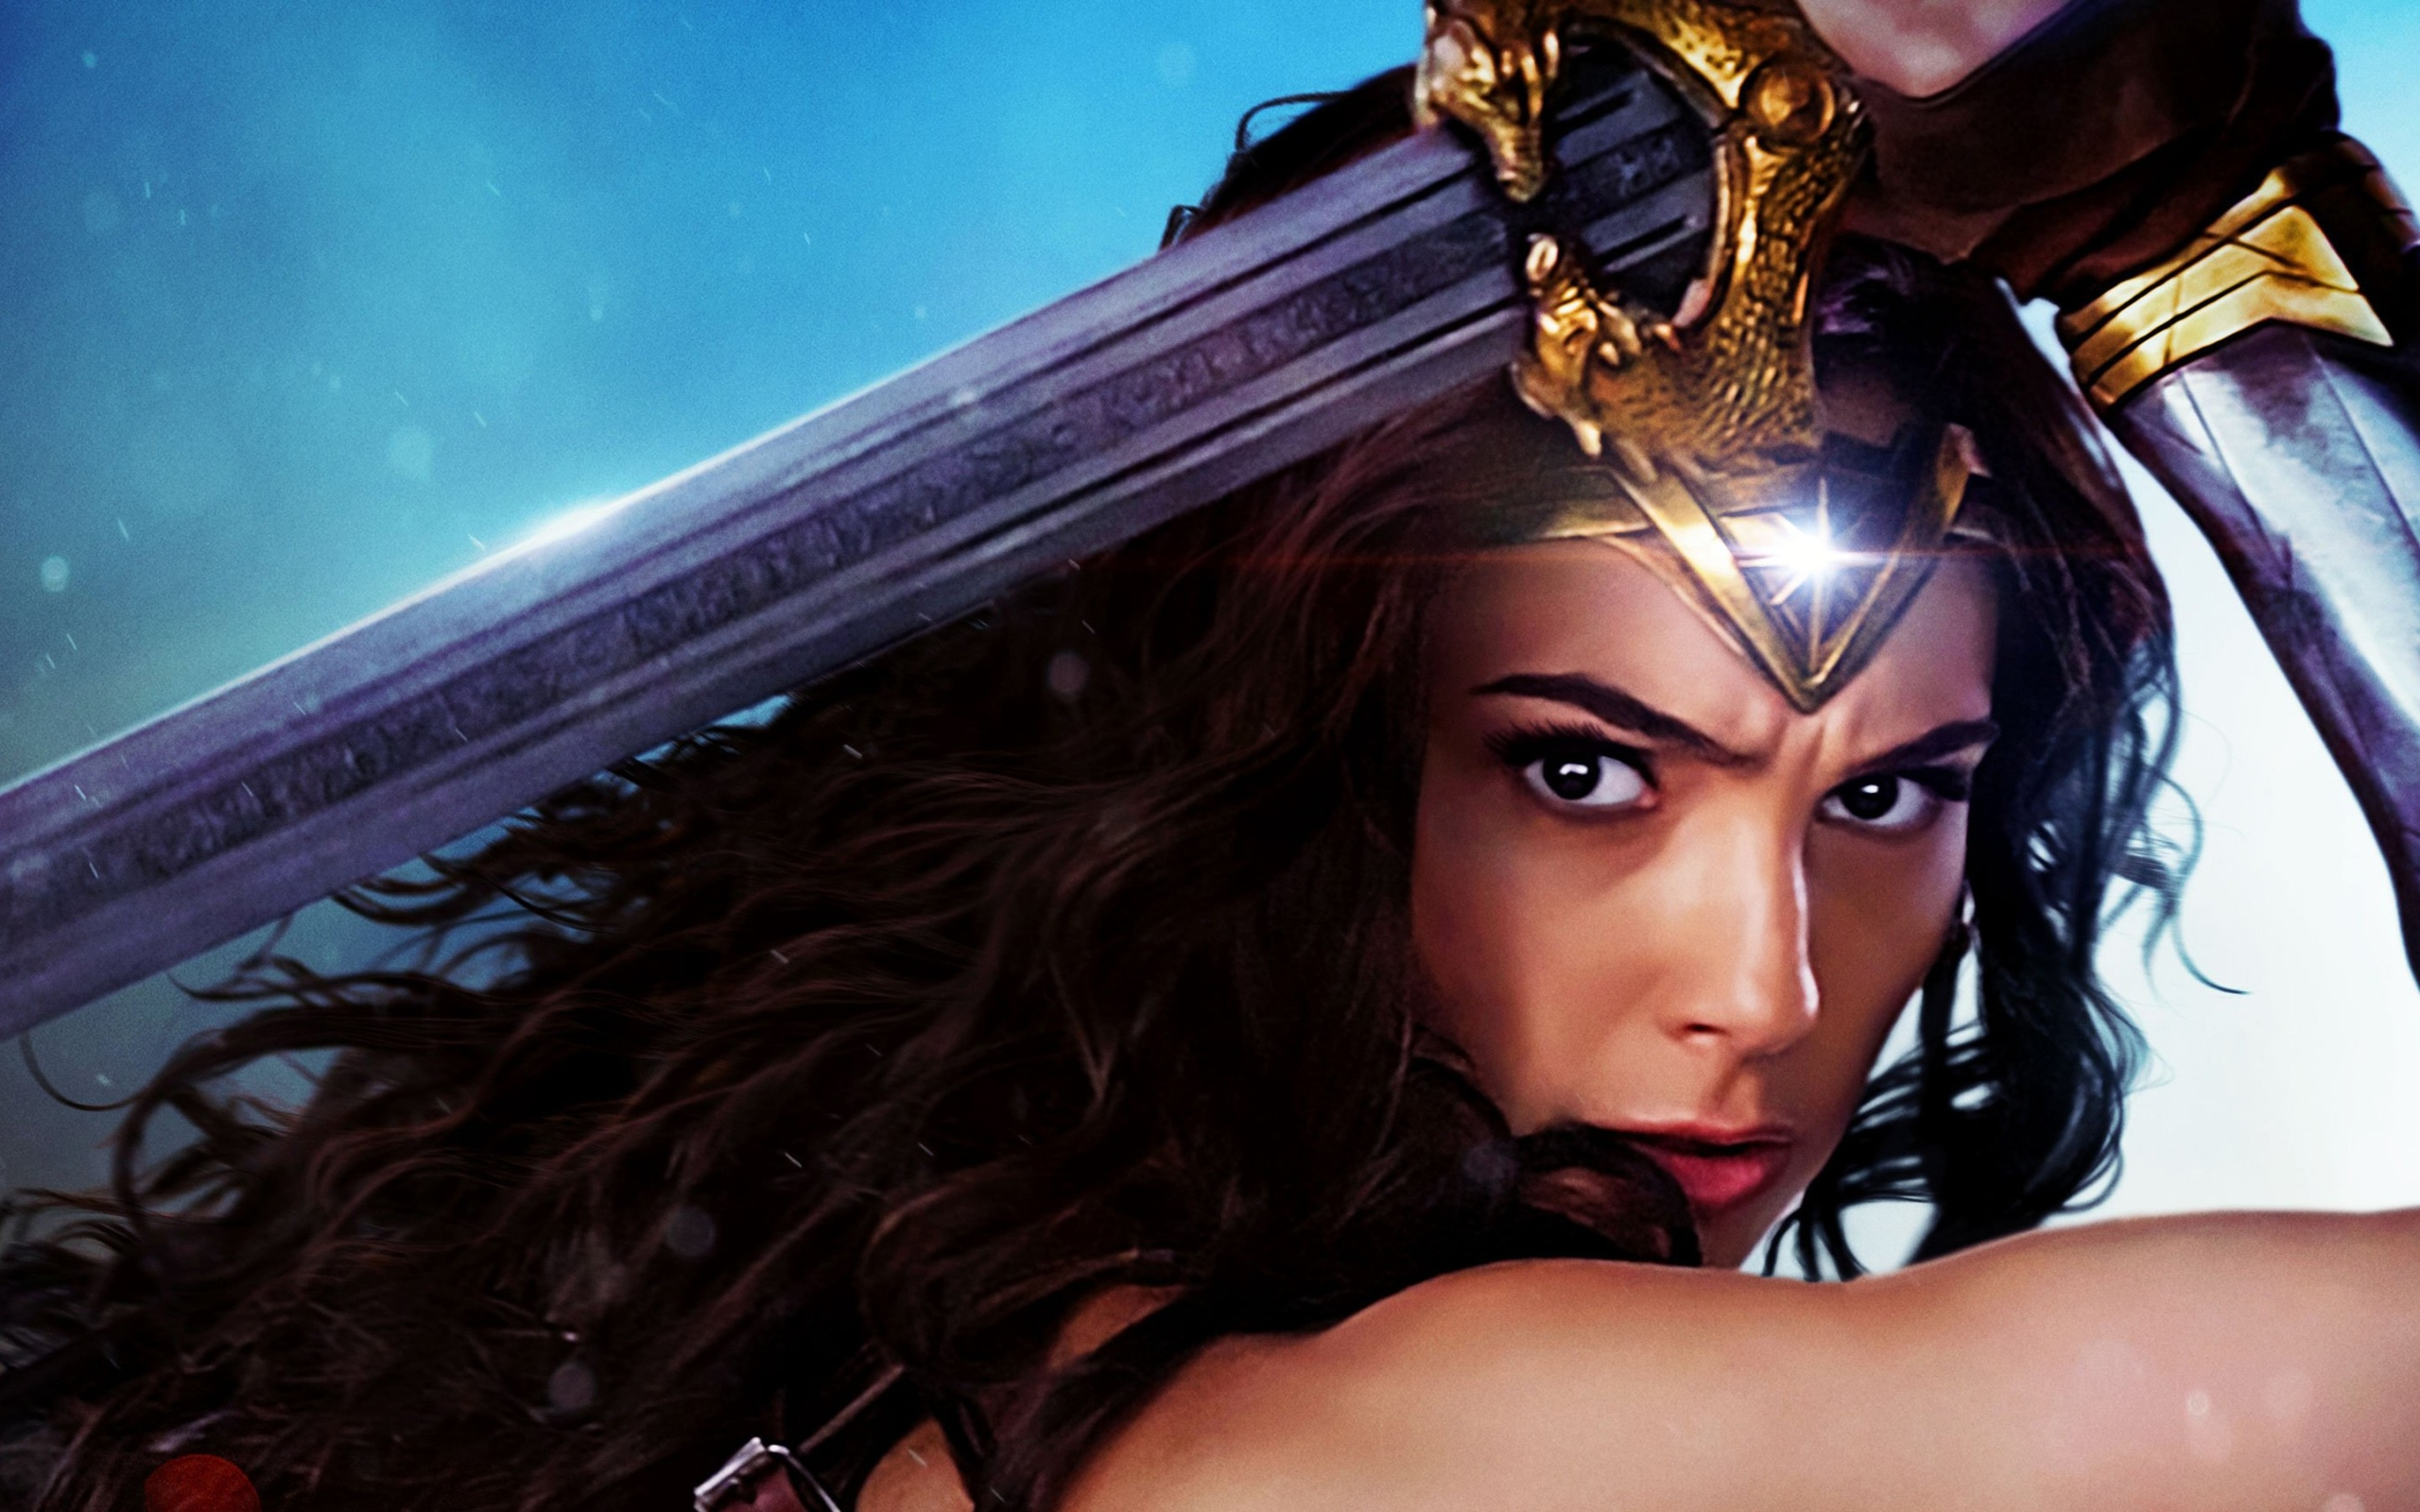 Filmes baseados em quadrinhos de super heroínas dirigidos por mulheres 3